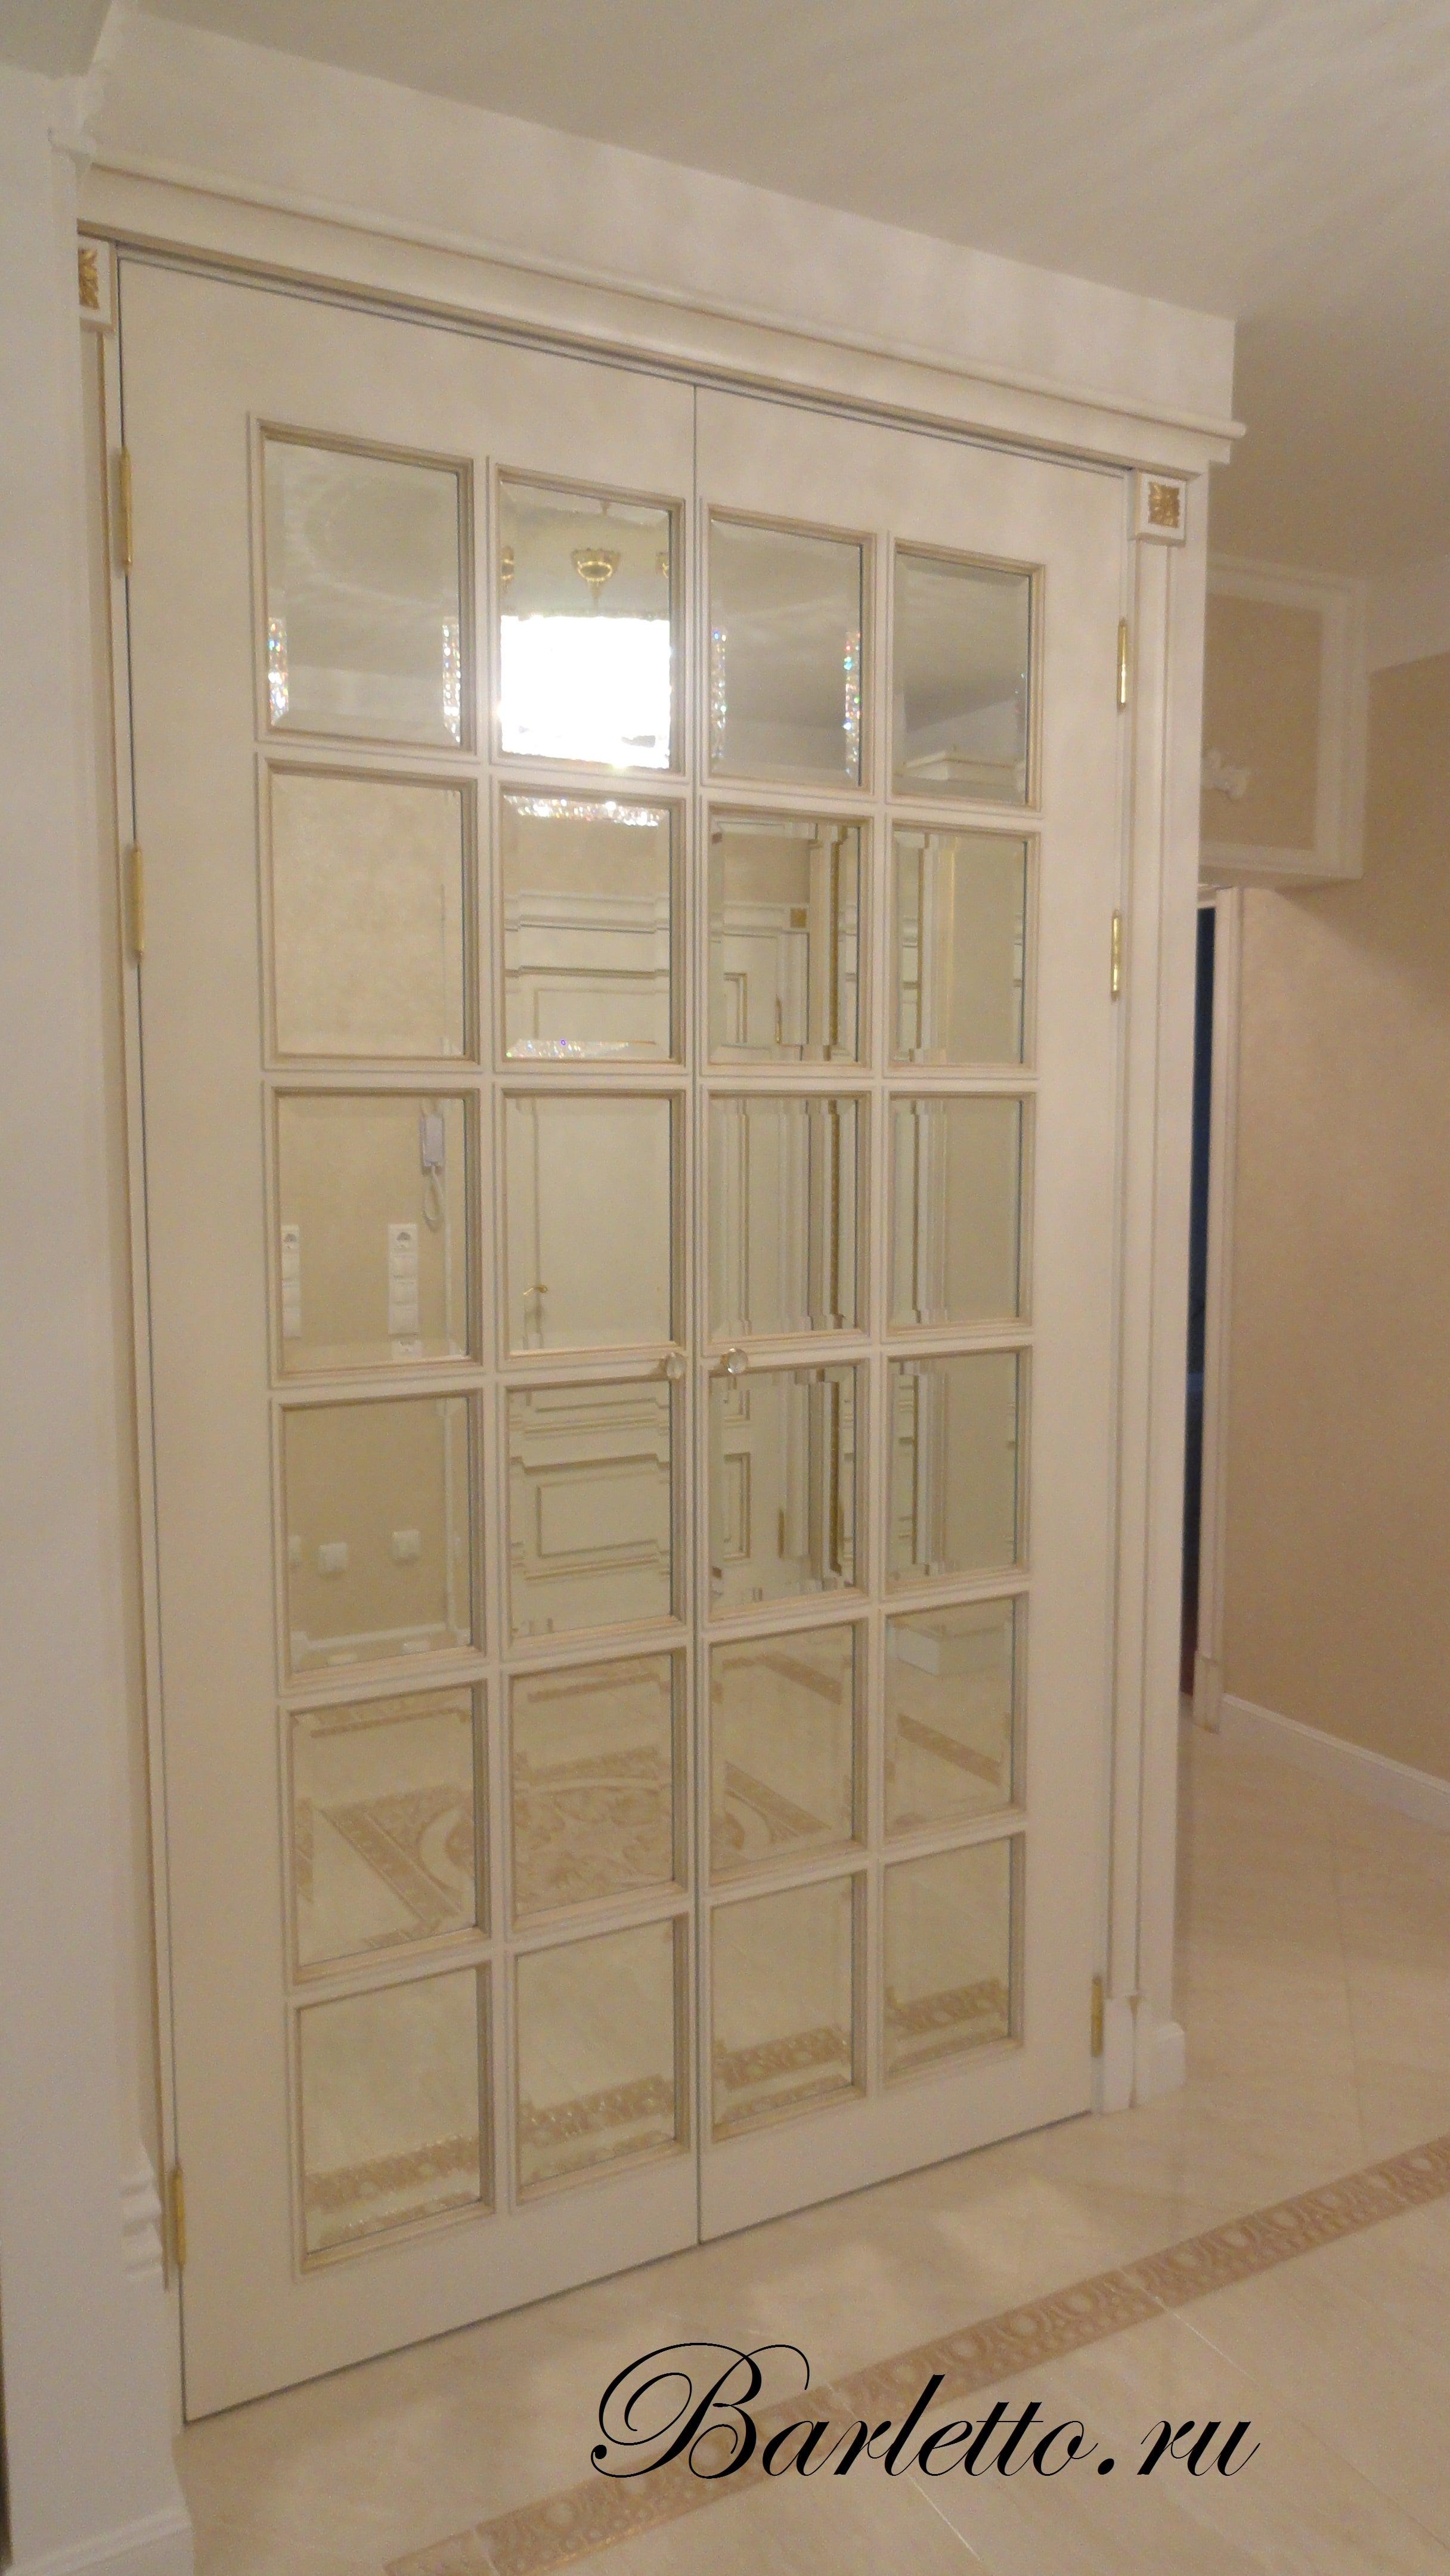 Межкомнатная дверь английская решетка | Барлетто